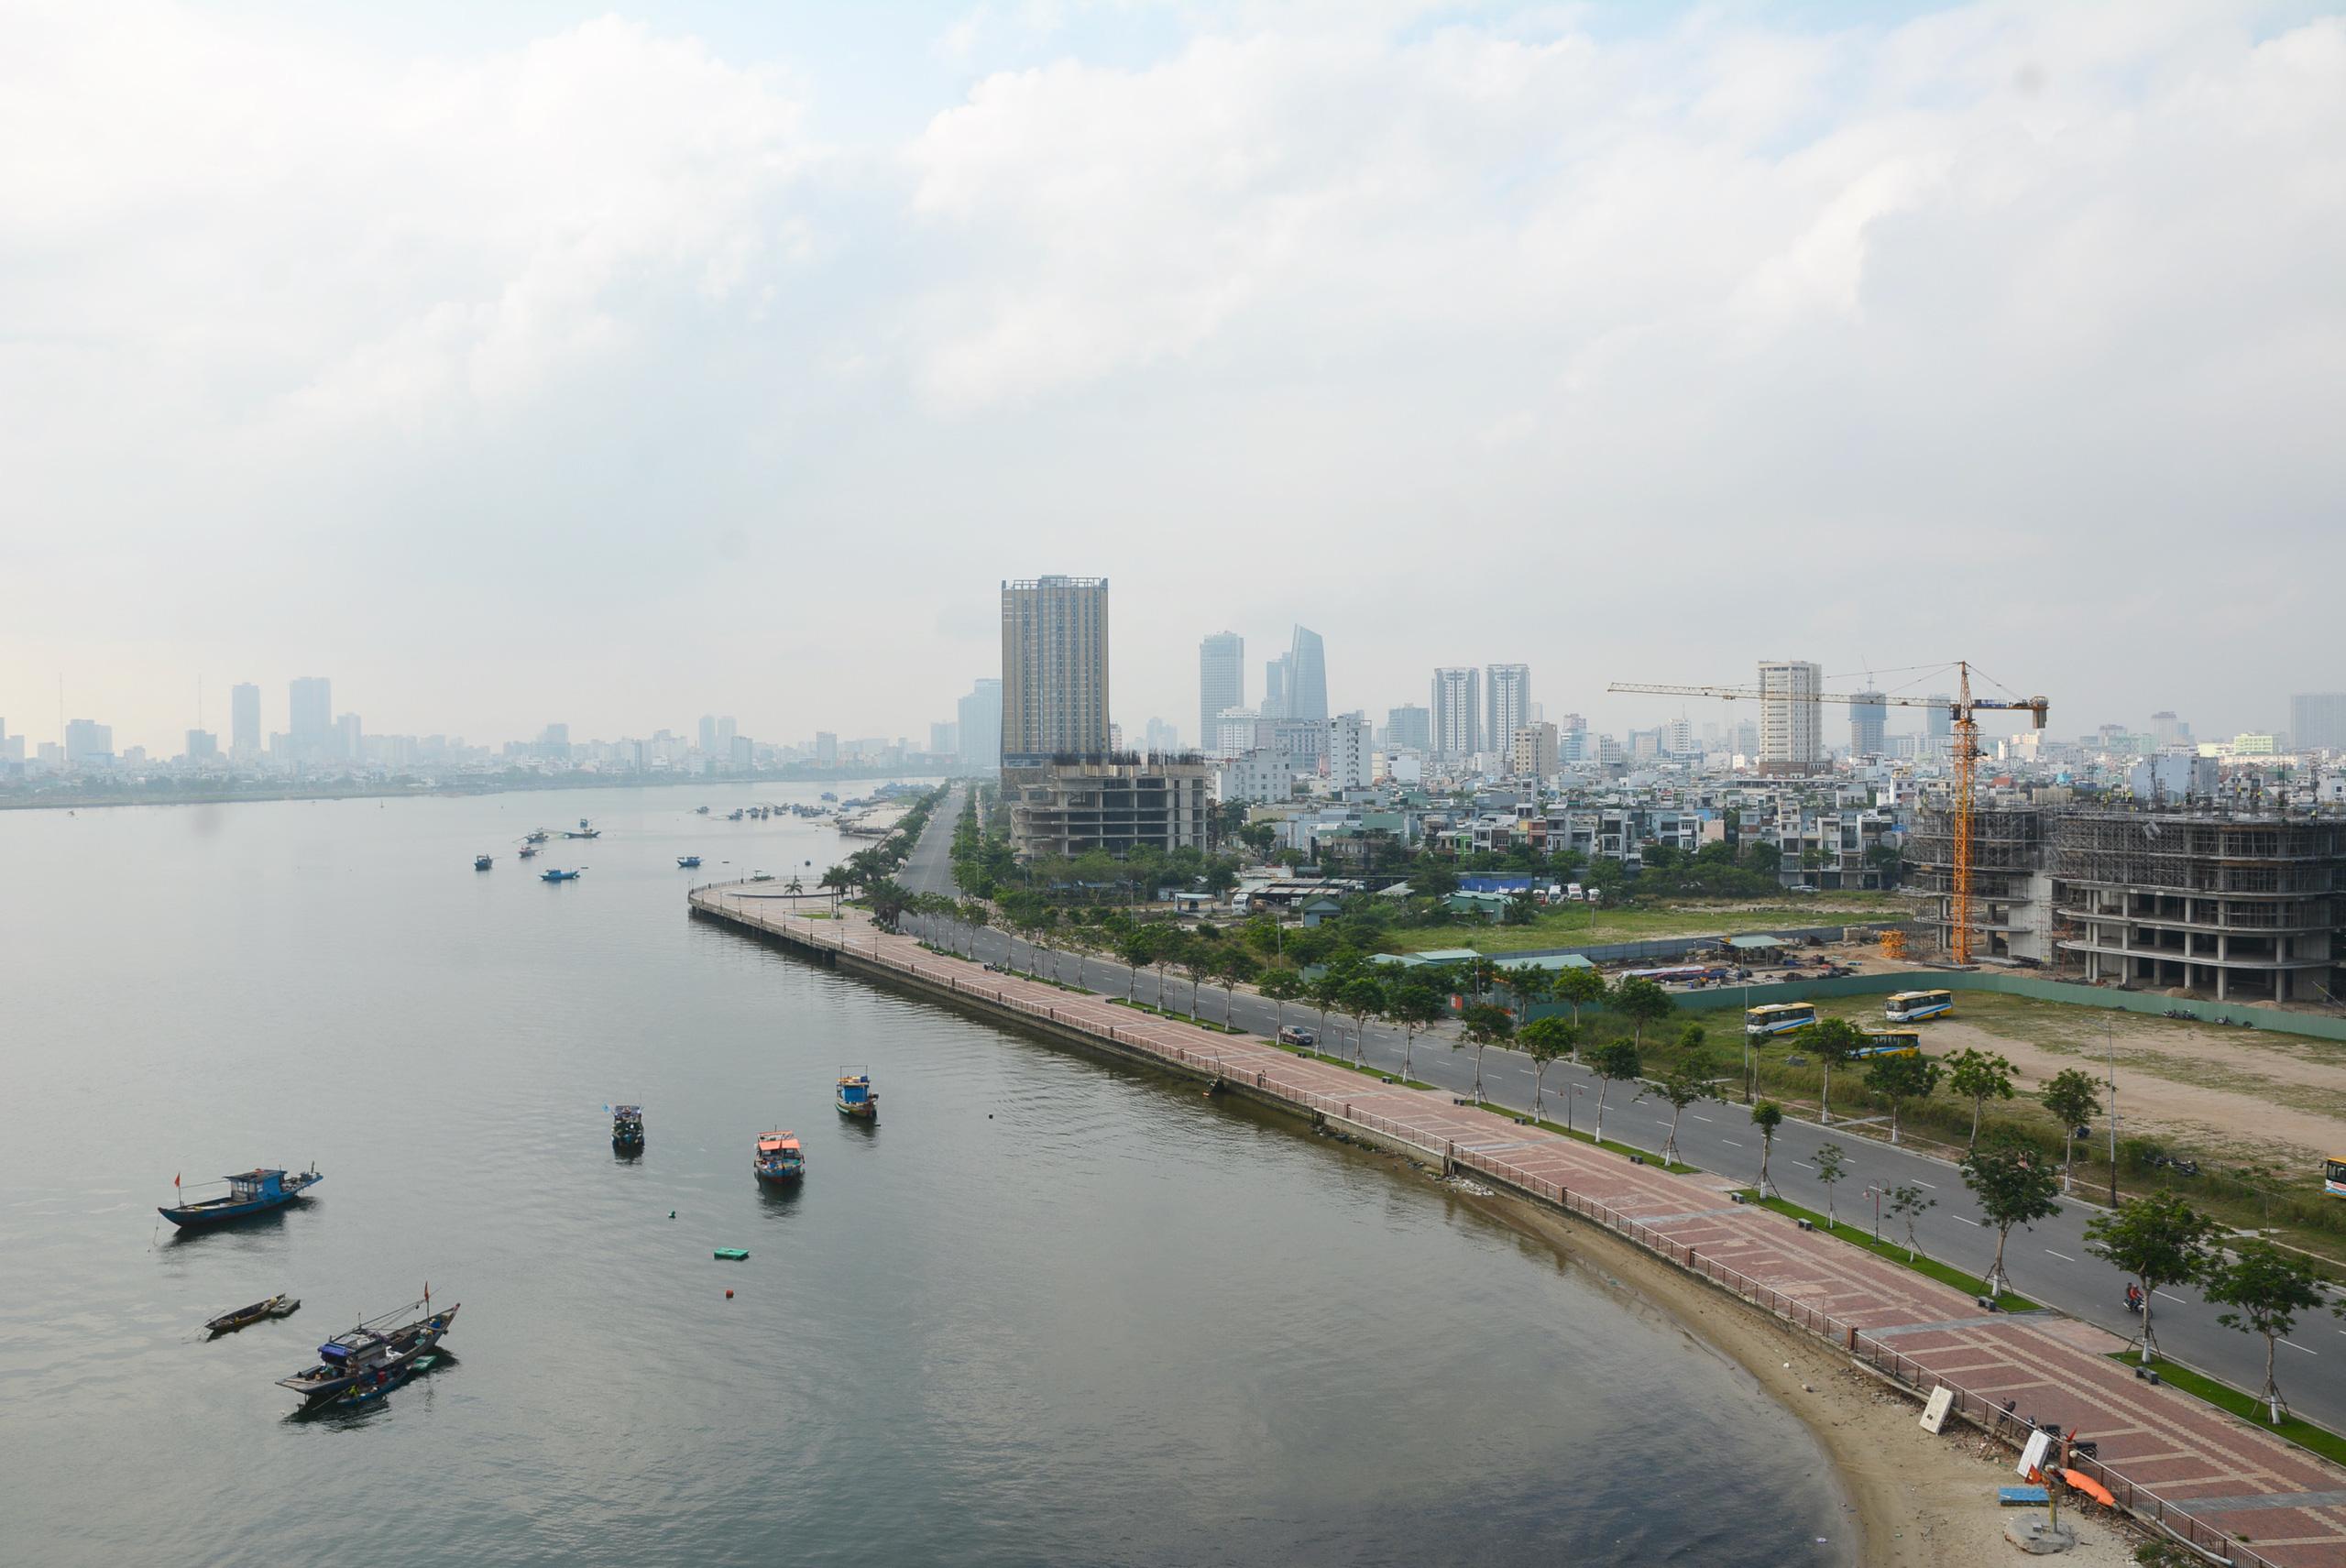 Hạ tầng ven sông Hàn Đà Nẵng hiện tại và trong tương lai - Ảnh 2.